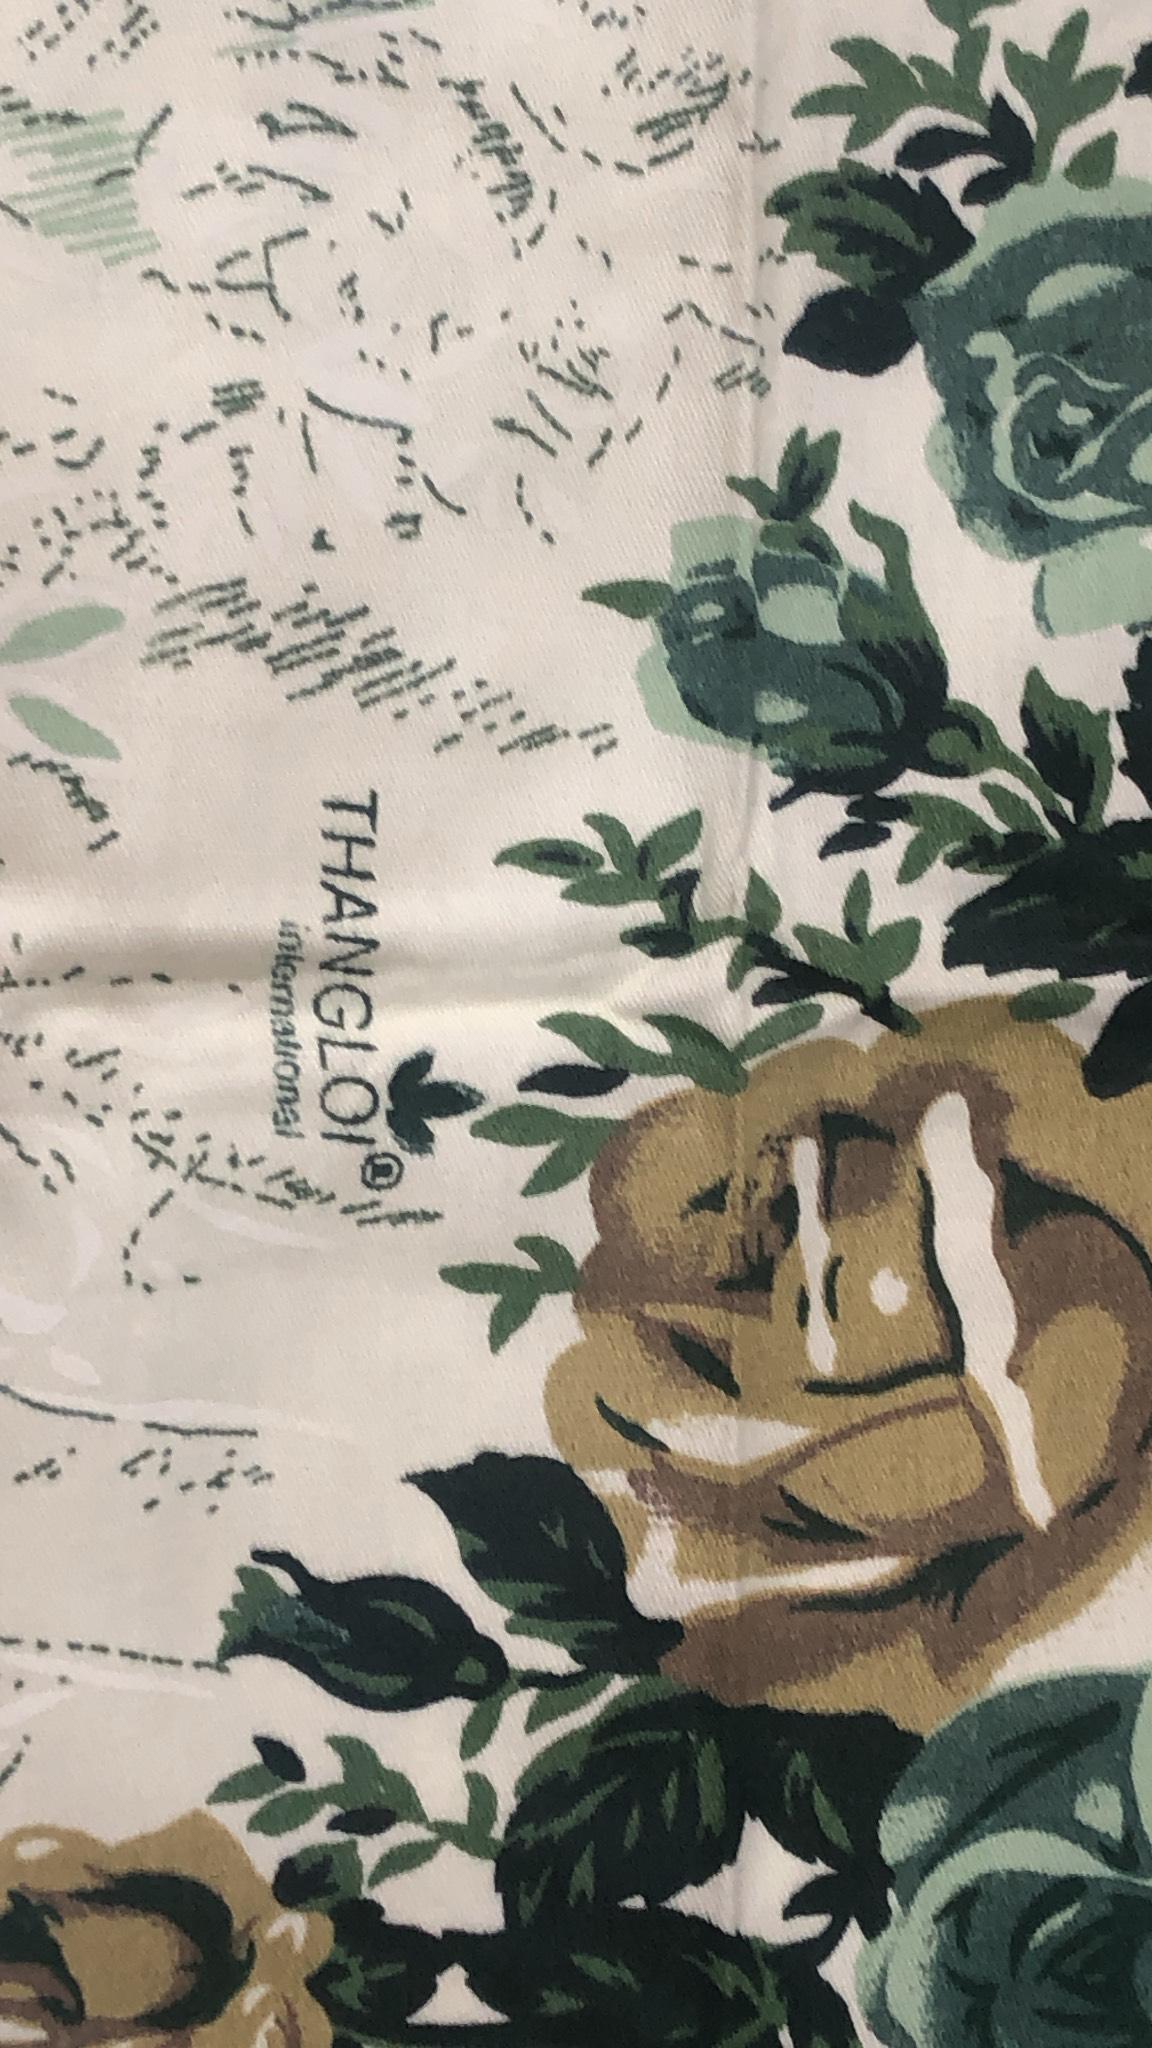 Bộ Drap kèm mền 100% Cotton cao cấp (5 Món)   có đủ size - HT chân ngọc